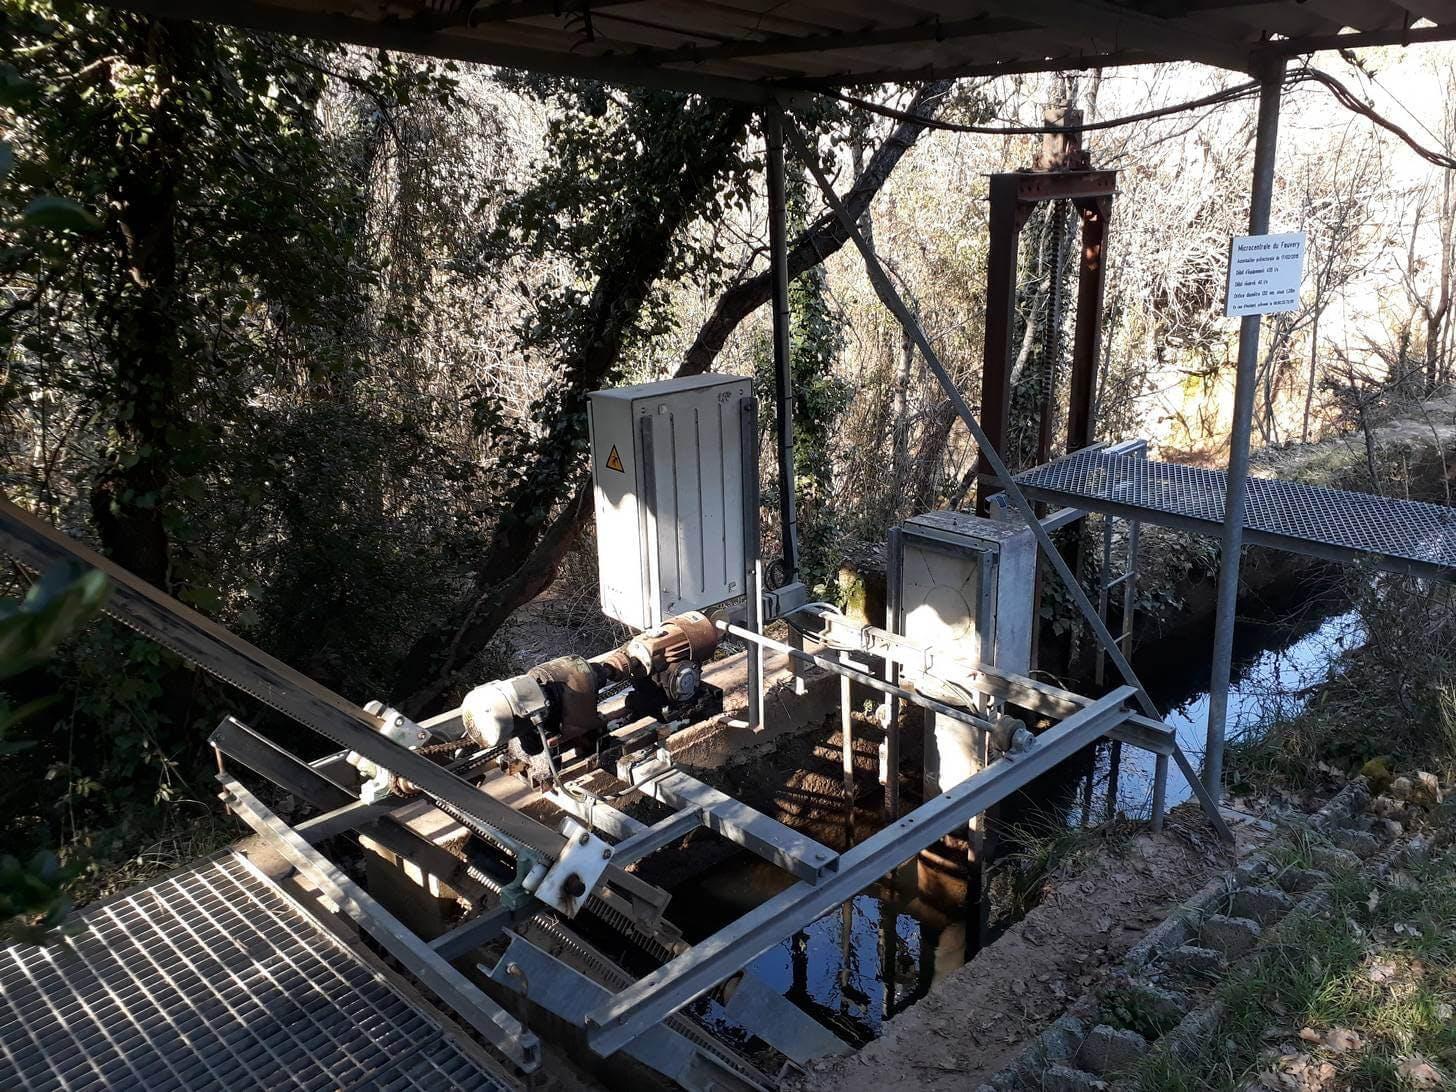 Enercoop Provence-Alpes-Côte d'Azur PACA - Visite Barjols Centrale hydroélectrique 2019 - Prise d'eau